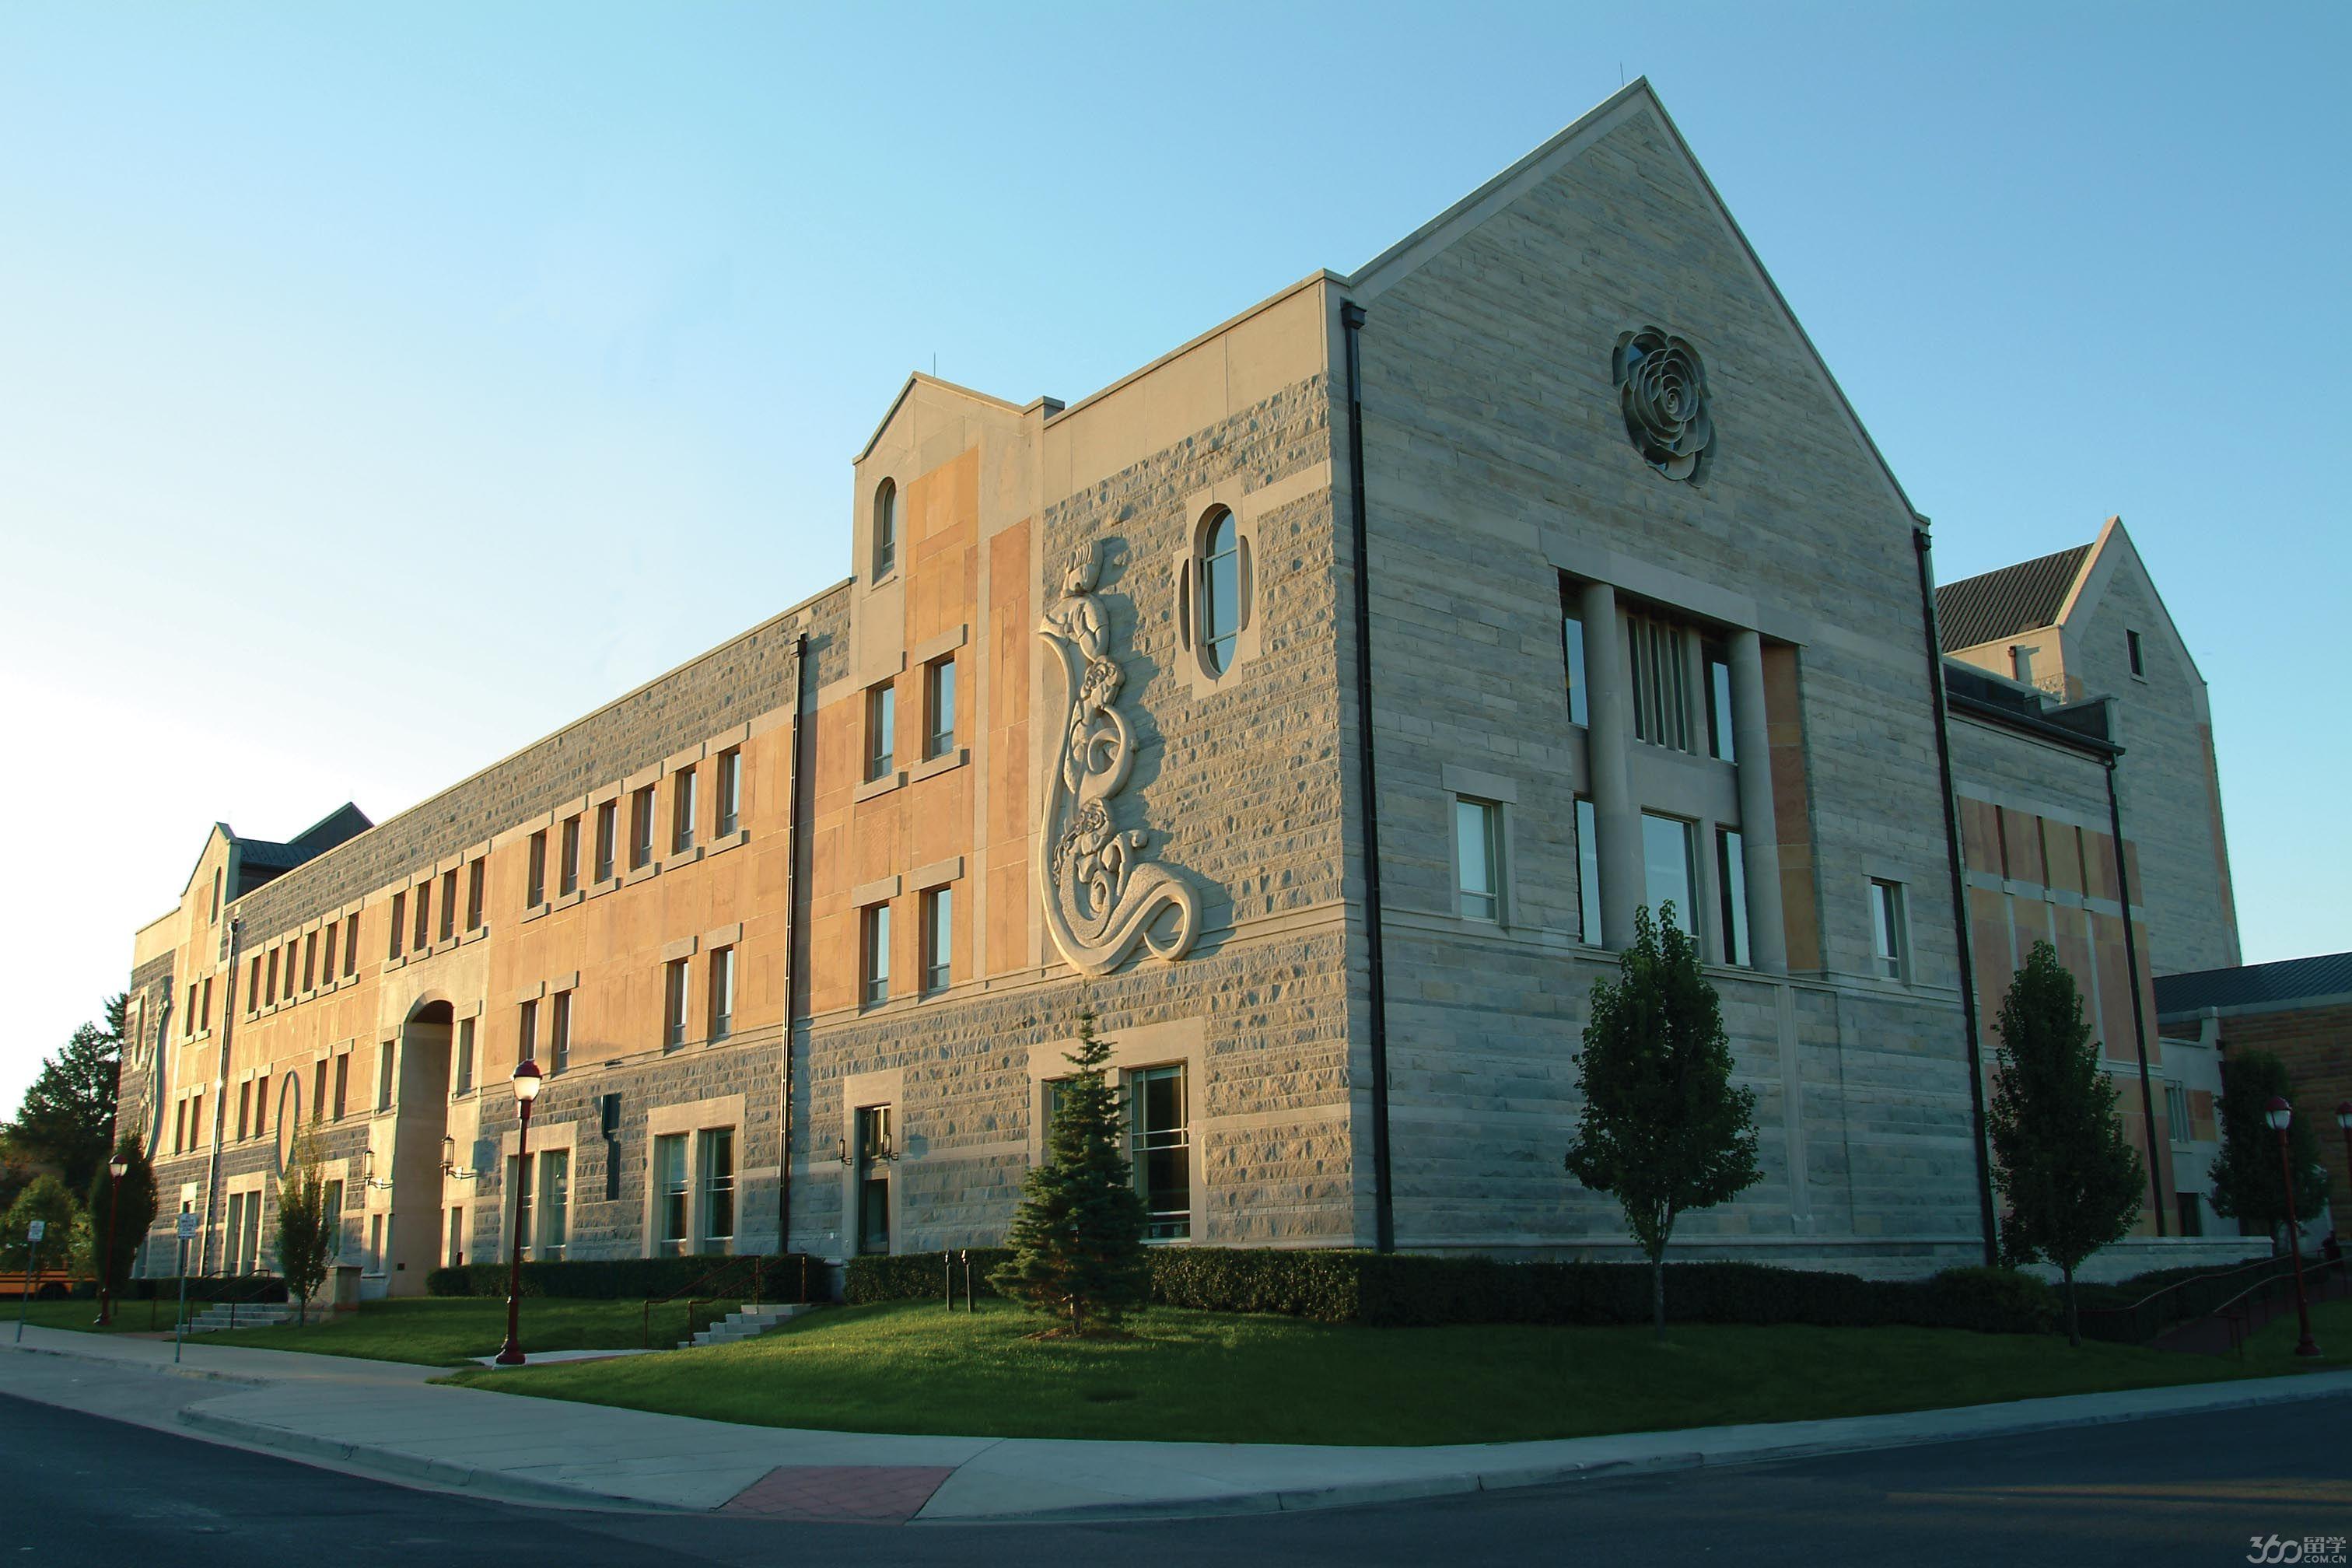 拉蒙特音乐学院(Lamont School of Music)和其戏剧系也正在成长为DU的强势学院,该学院教学楼纽曼表演艺术中心(Newman Center for the Performing Arts)耗资就高达7500万美元。该中心包括一个拥有1000个座位和四层看台的歌剧院,一个由3000个金属管组成的该地区最大的管风琴,以及其他音乐教室和戏剧表演室。另外,该学院还拥有自己的图书馆Music Library。仅在2001年,学院就从施泰韦钢琴公司购买了85家钢琴。该学院已经成为该地区那些喜